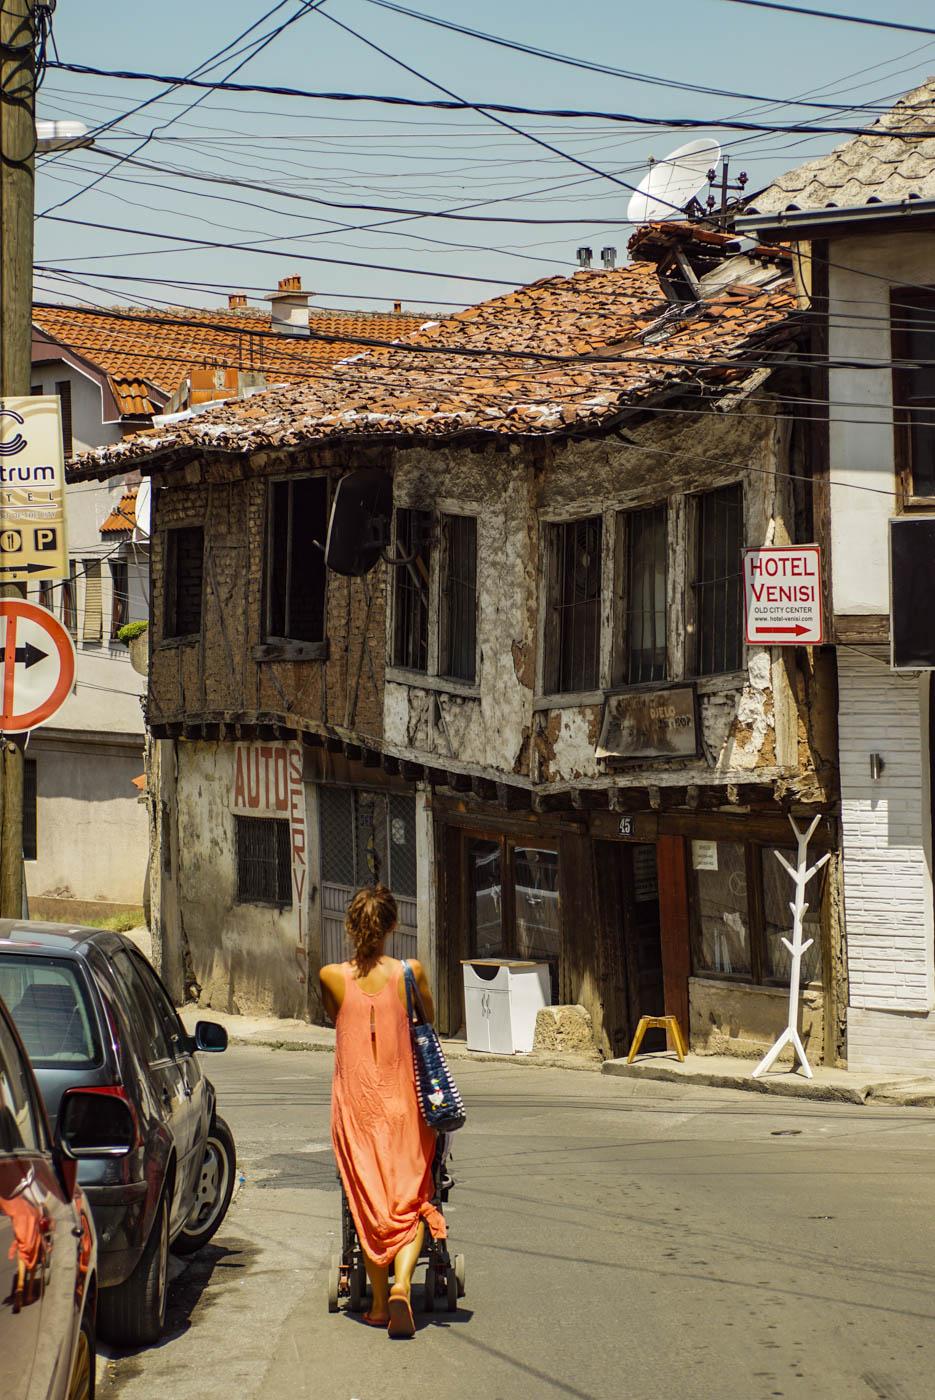 Lea läuft mit Kinderwagen und orangefarbenem Kleid eine Straße hinunter direkt vor ihr ist ein sehr altes Haus zu sehen was in der Mitte im ersten Stock durchgesackt ist